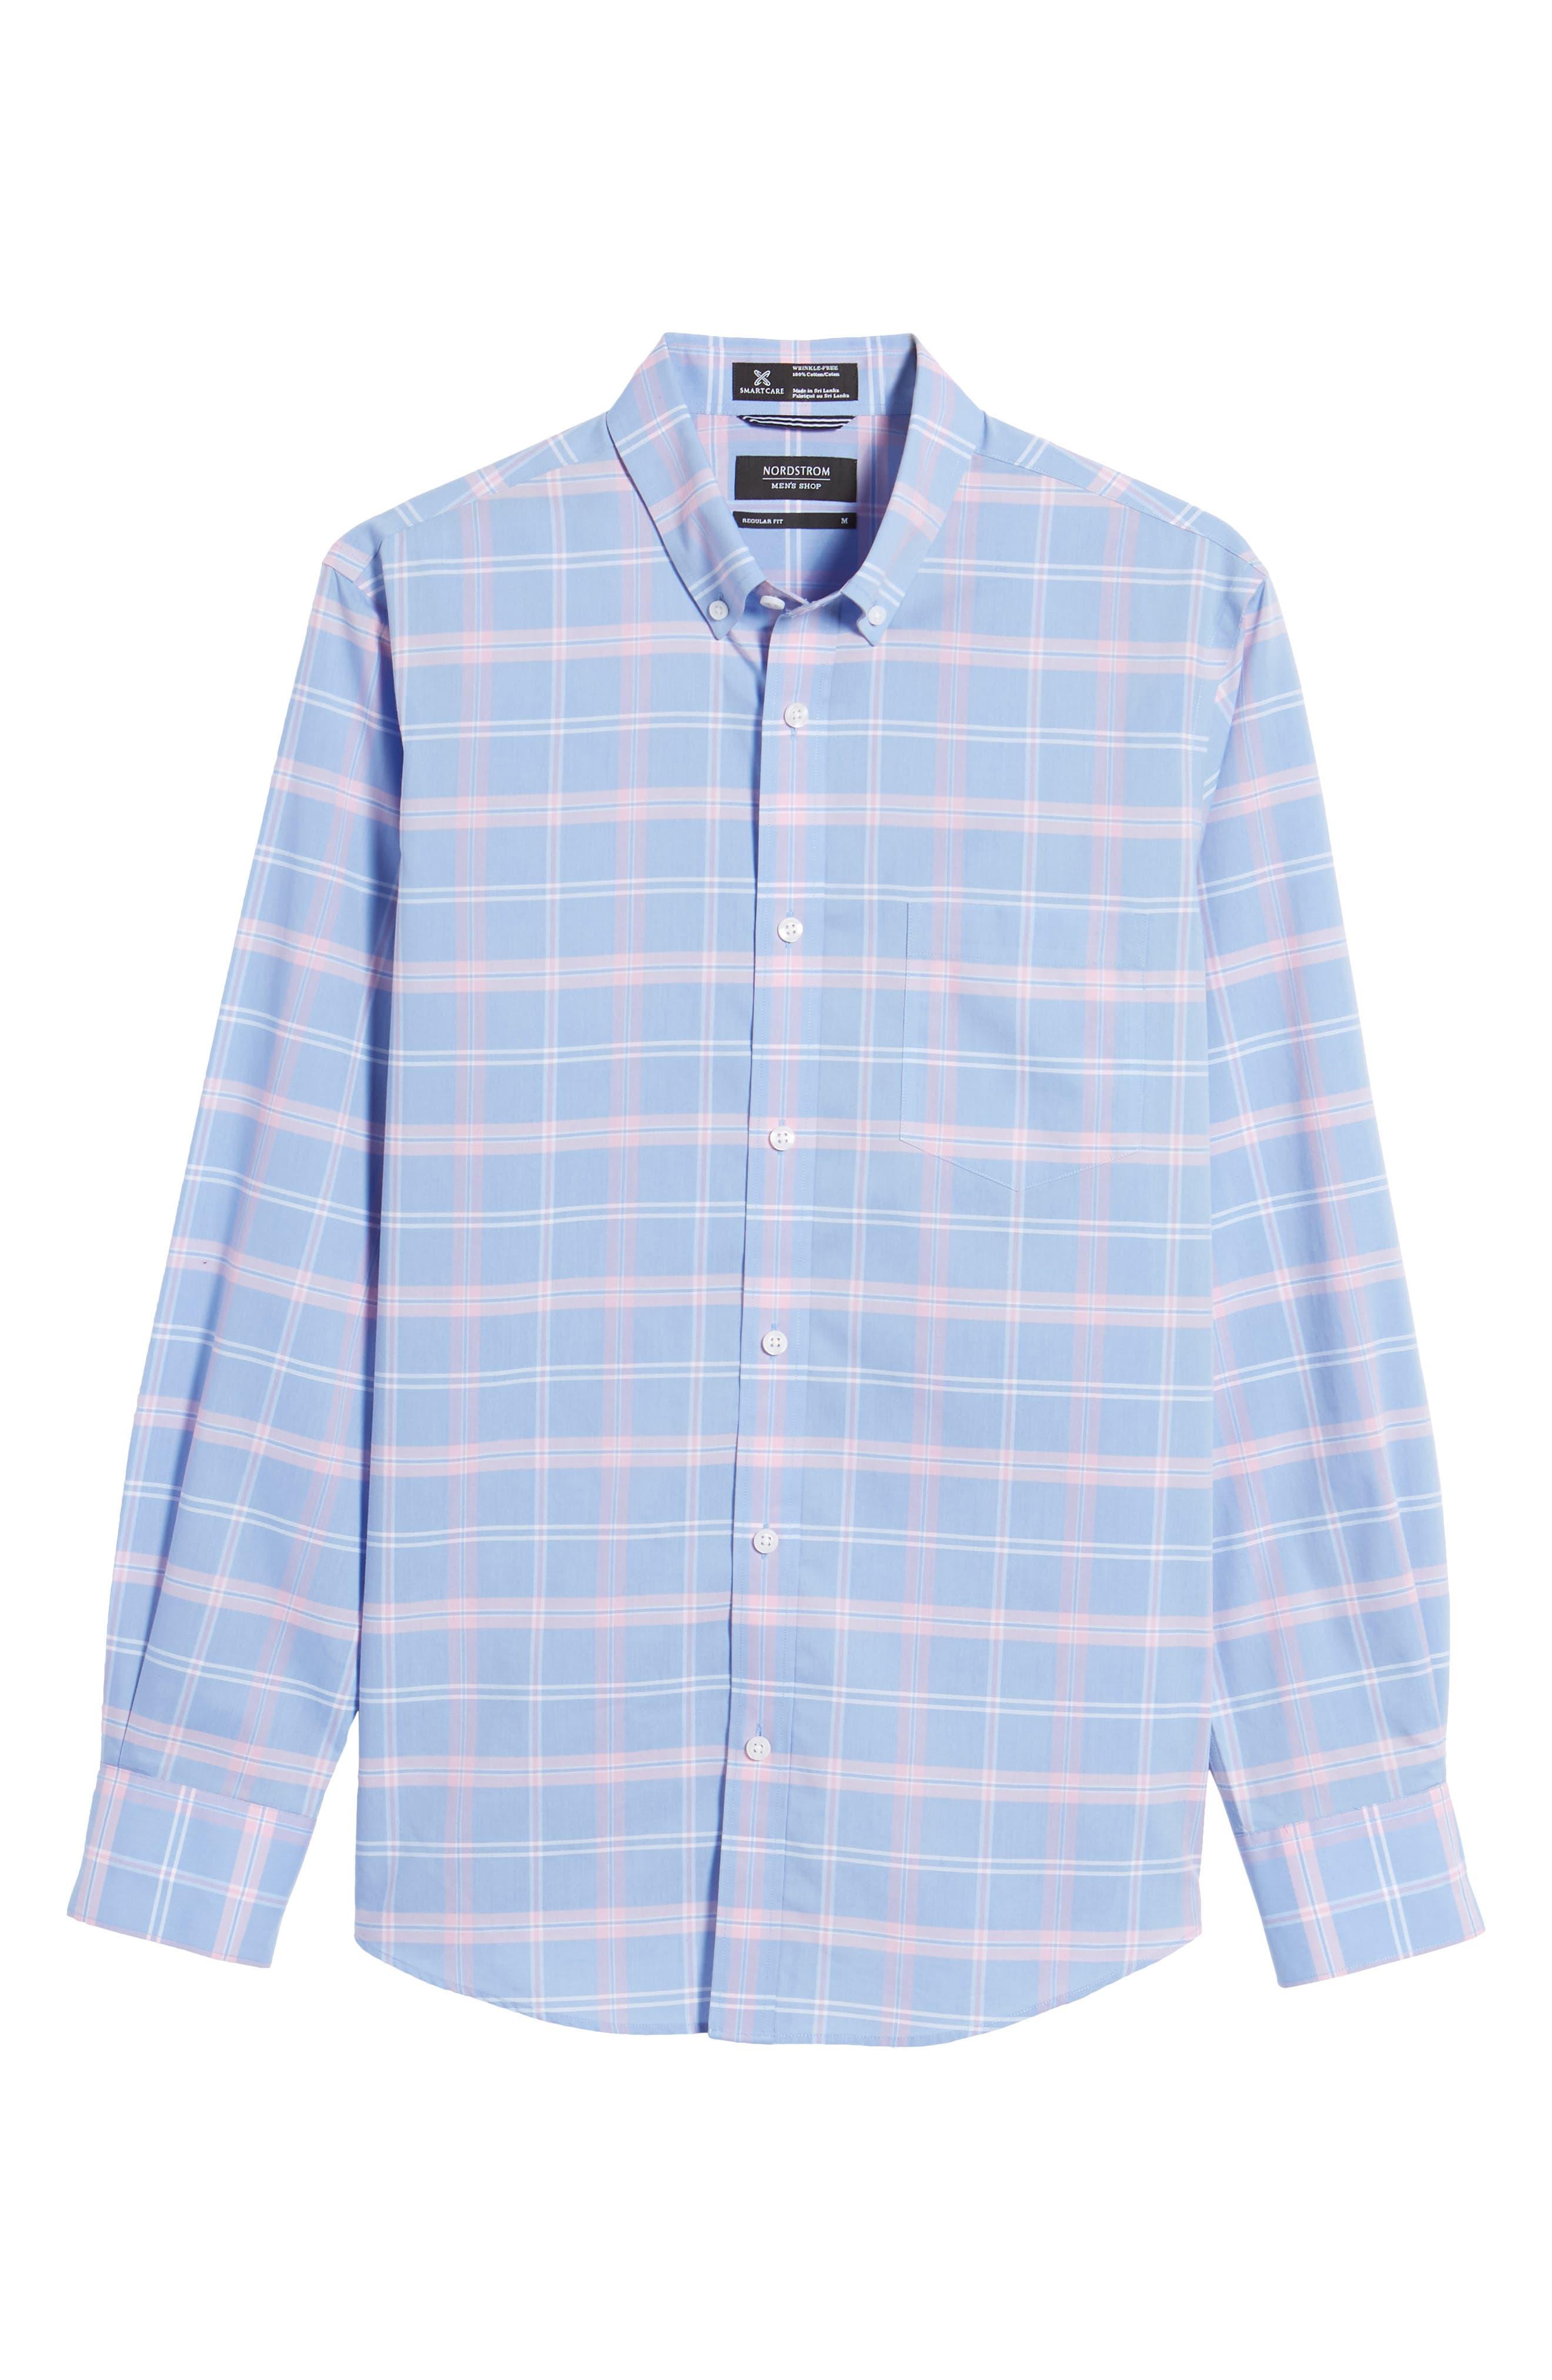 Smartcare<sup>™</sup> Regular Fit Plaid Sport Shirt,                             Alternate thumbnail 6, color,                             Blue Dusk Pink Plaid